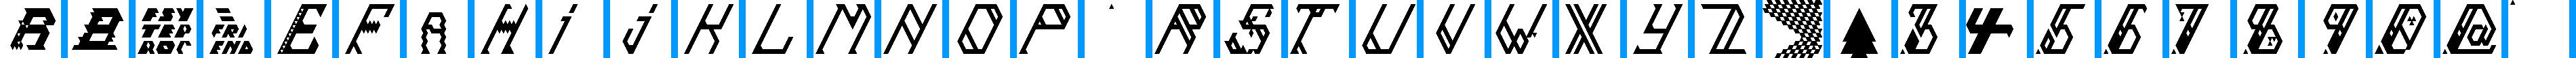 Particip-a-type v.355